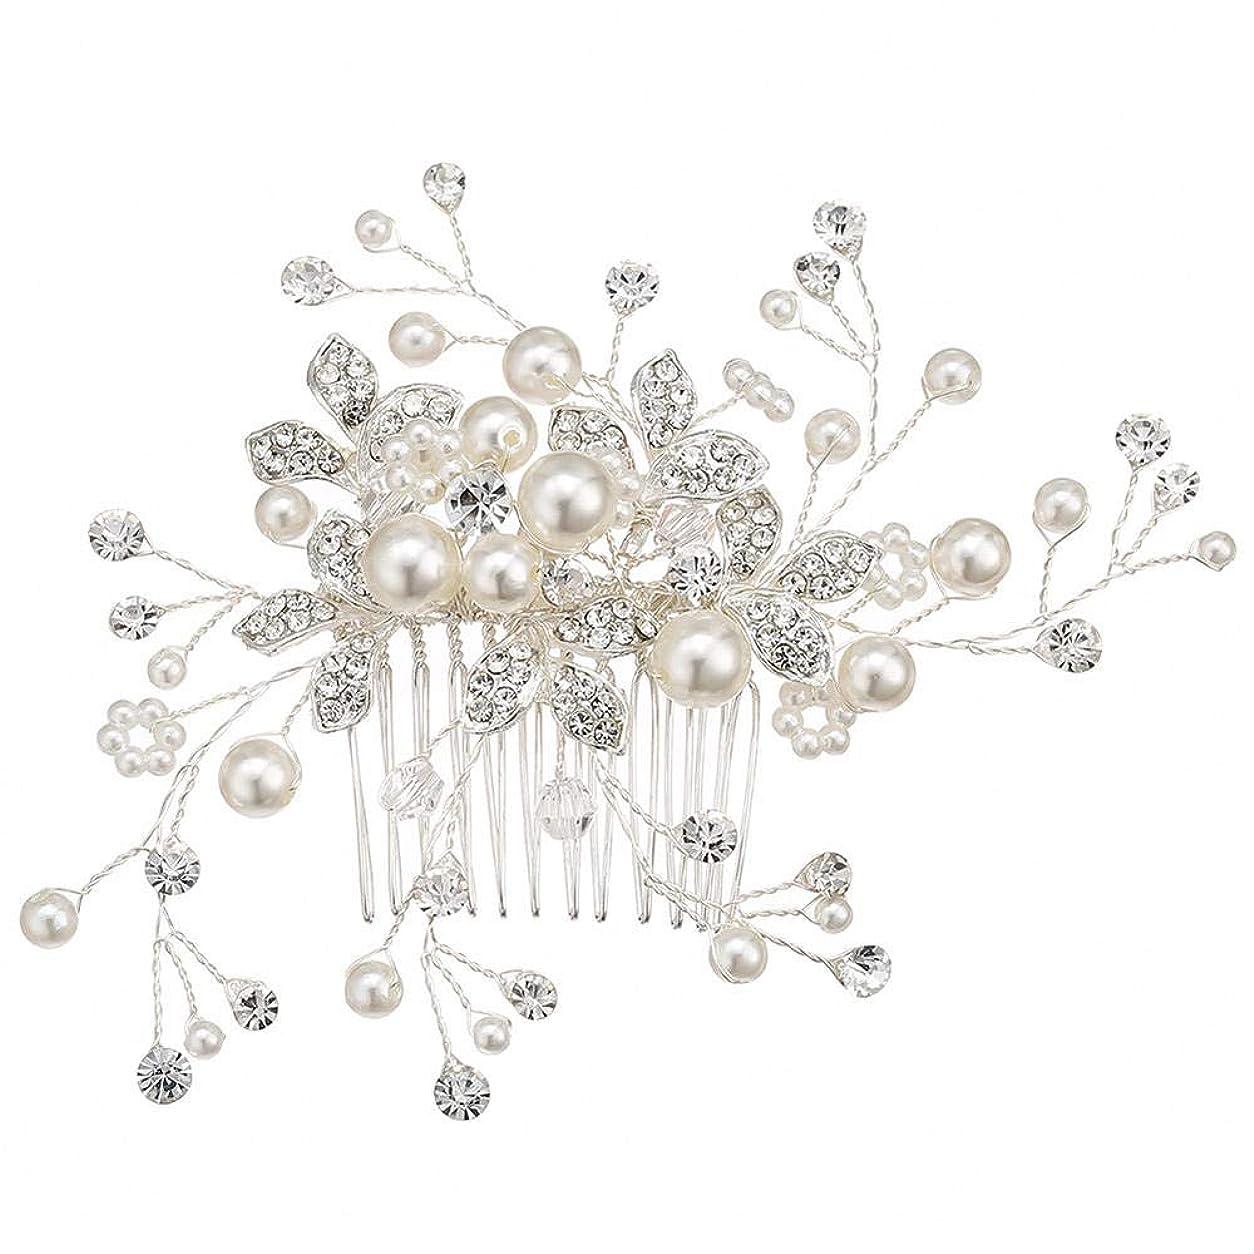 記録特徴詳細な真珠の髪の櫛手作りのラインストーン人気のウェディングアクセサリーブライダルティアラ@銀